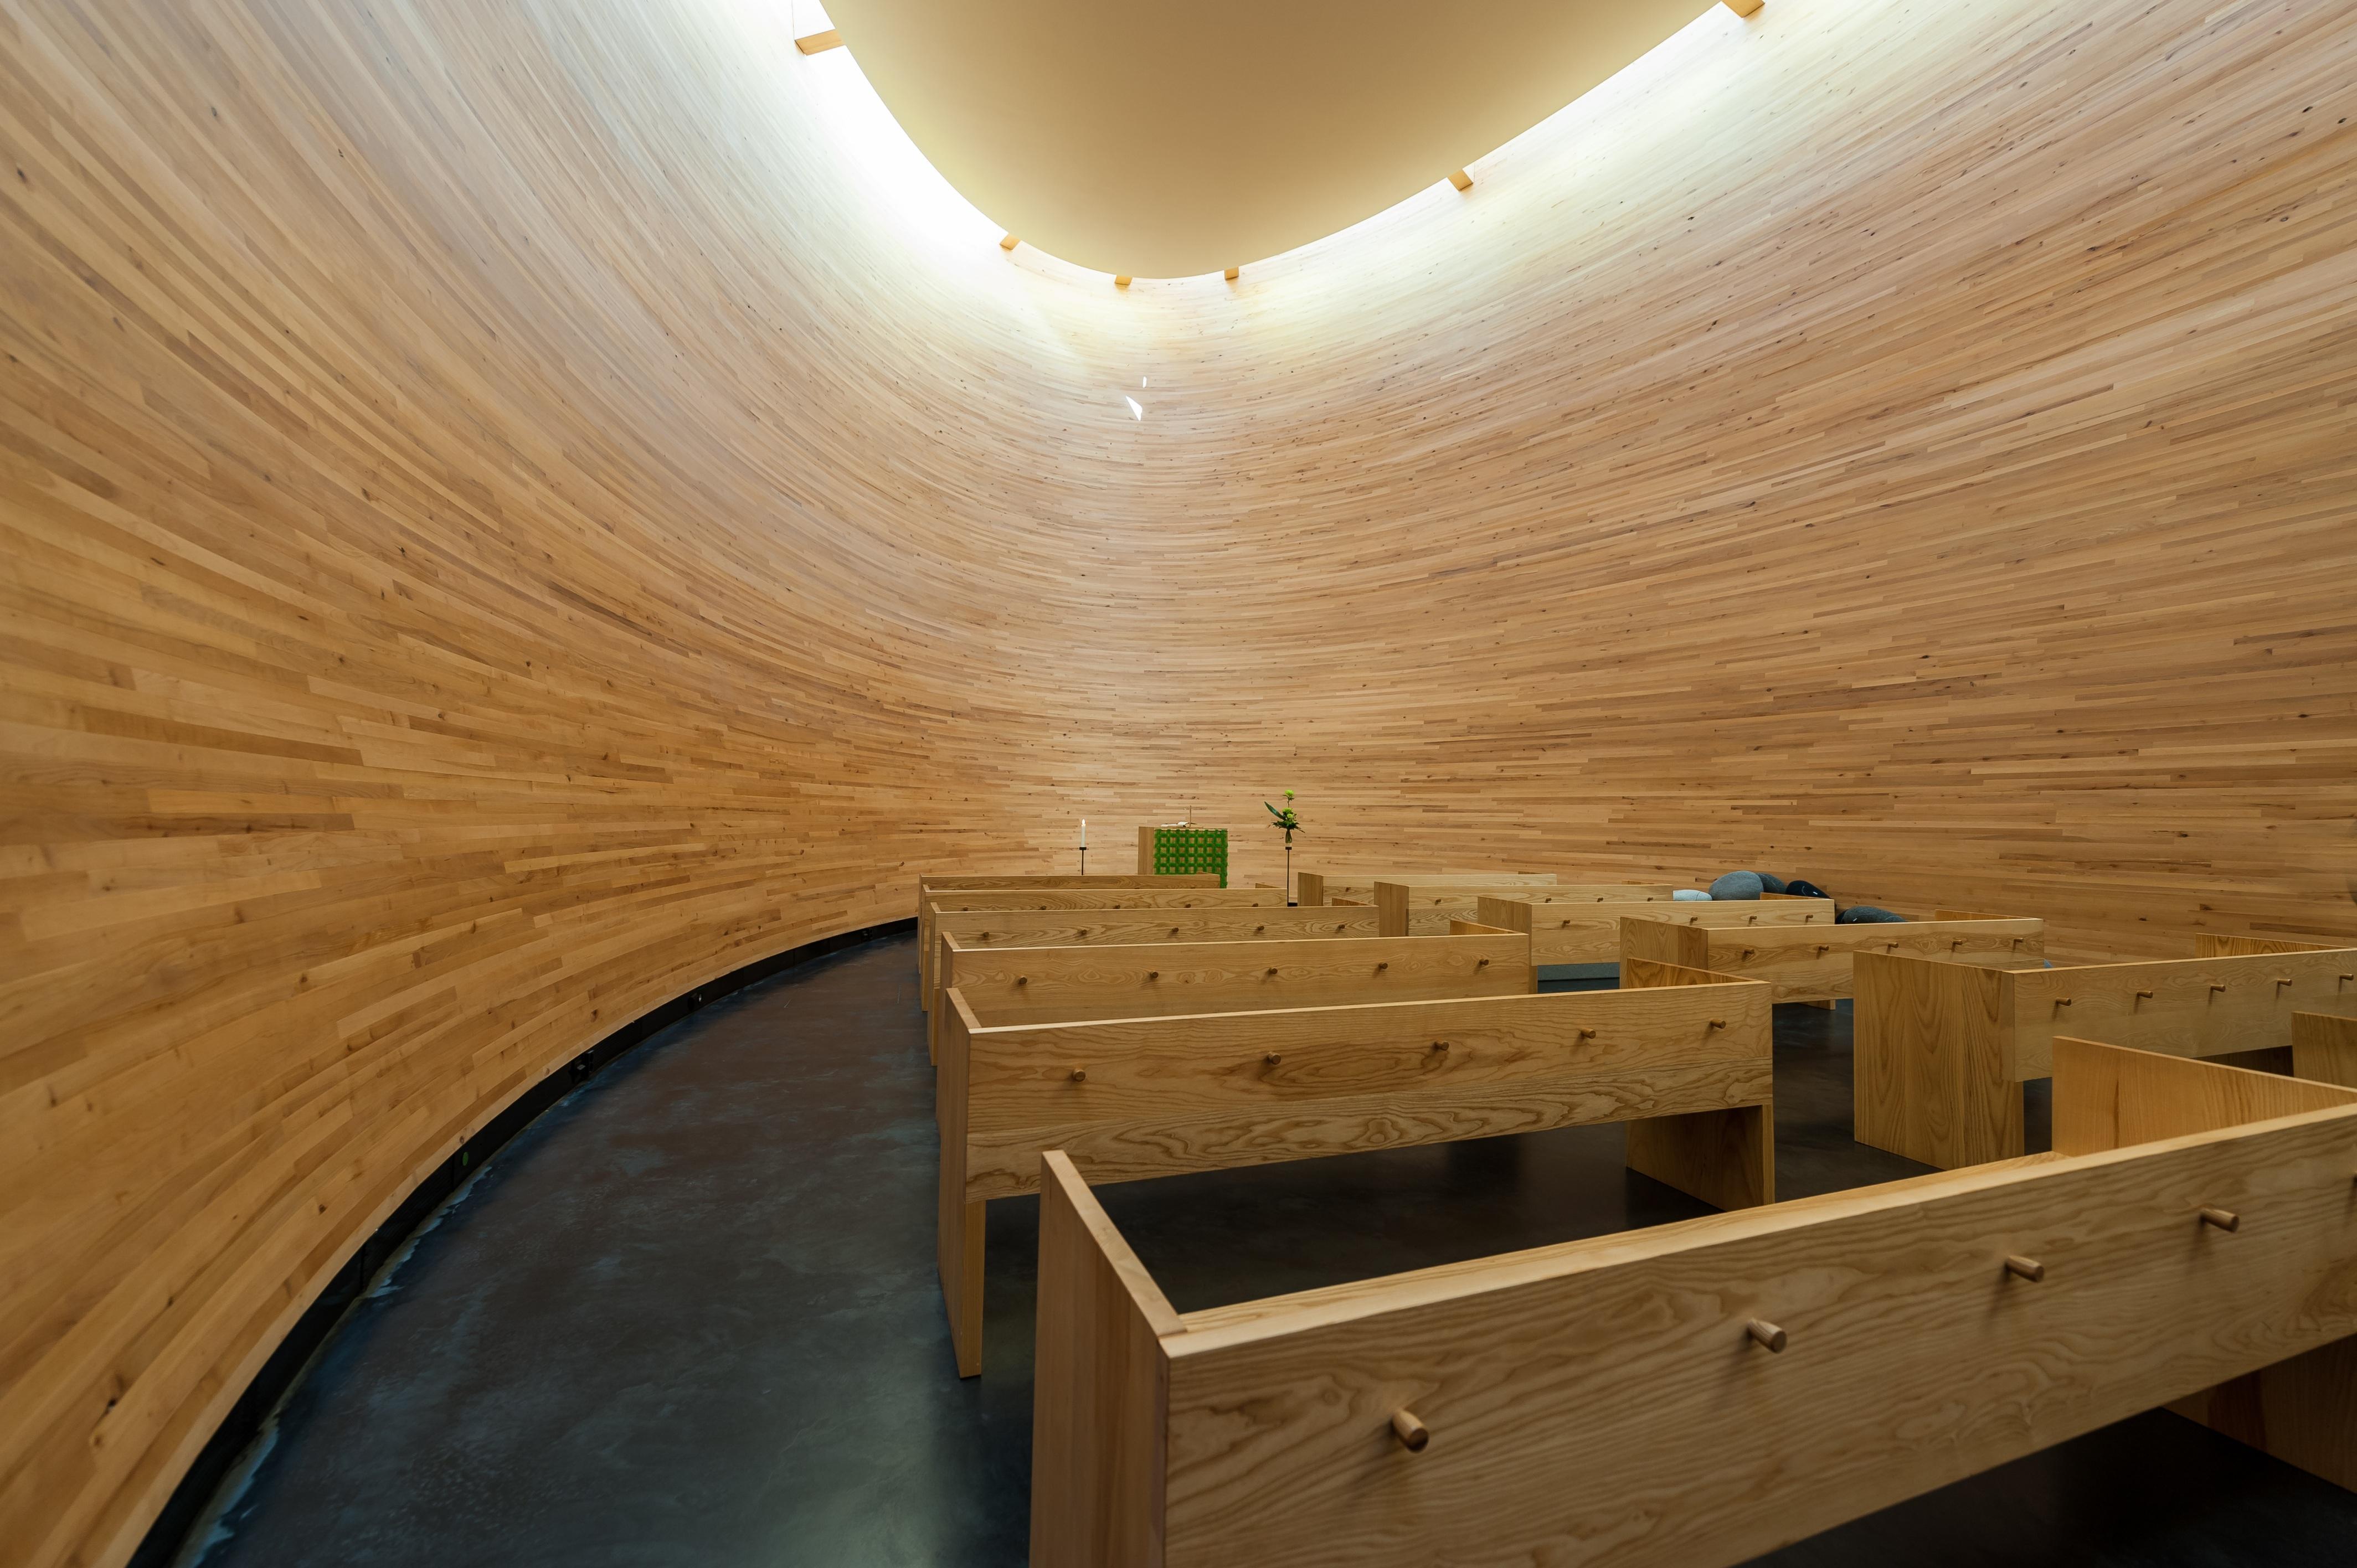 Gratis Afbeeldingen : architectuur, hout, verdieping, interieur ...